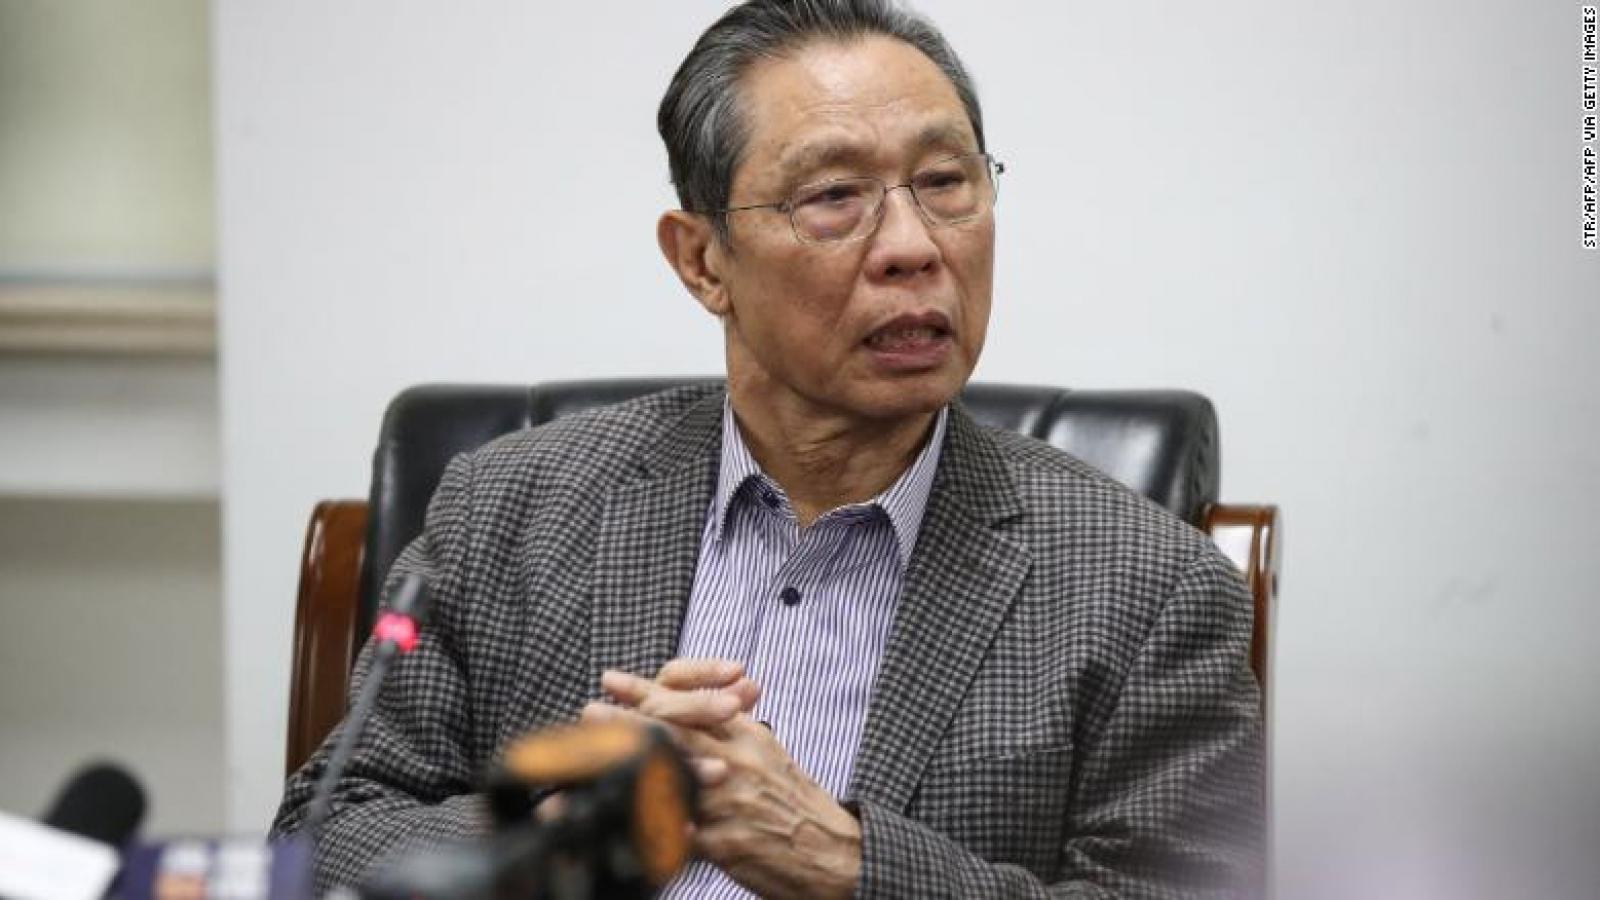 Thiếu miễn dịch cộng đồng, Trung Quốc lo ngay ngáy dịch Covid-19 lần 2